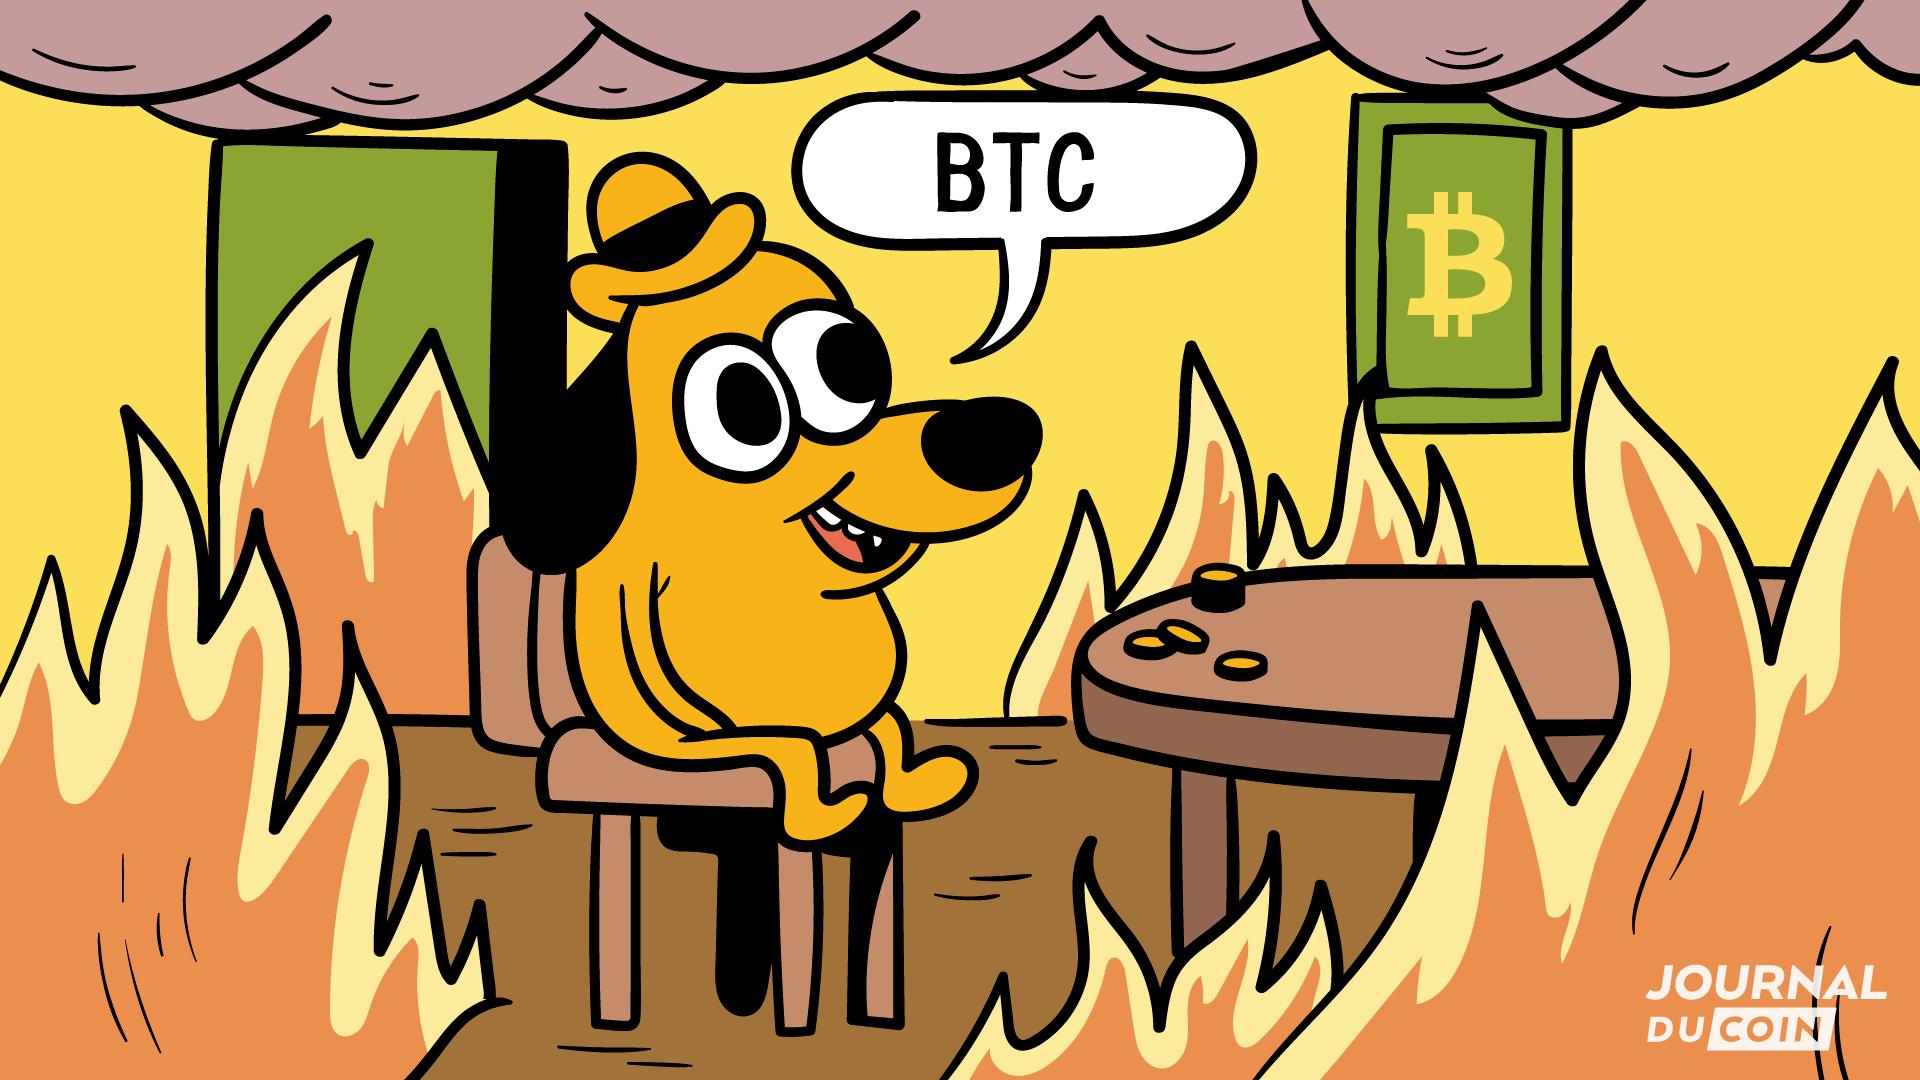 Flash crash de Bitcoin : 1 milliard de $ parti en fumée, la panique s'empare du marché